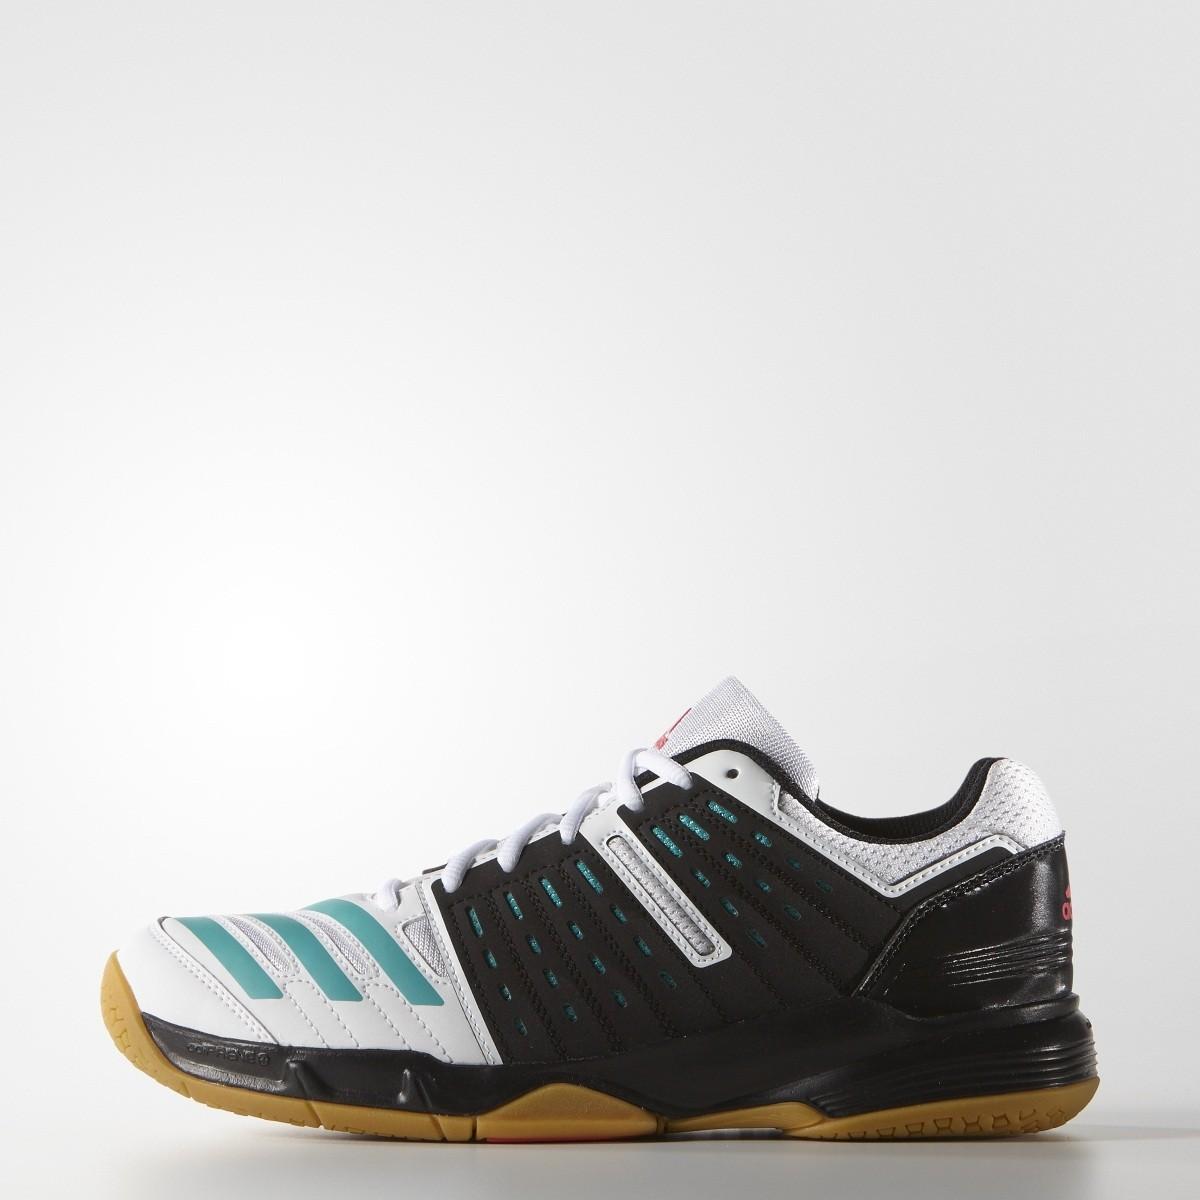 e67dd85092e Dámská sálová obuv adidas Essence 12 W